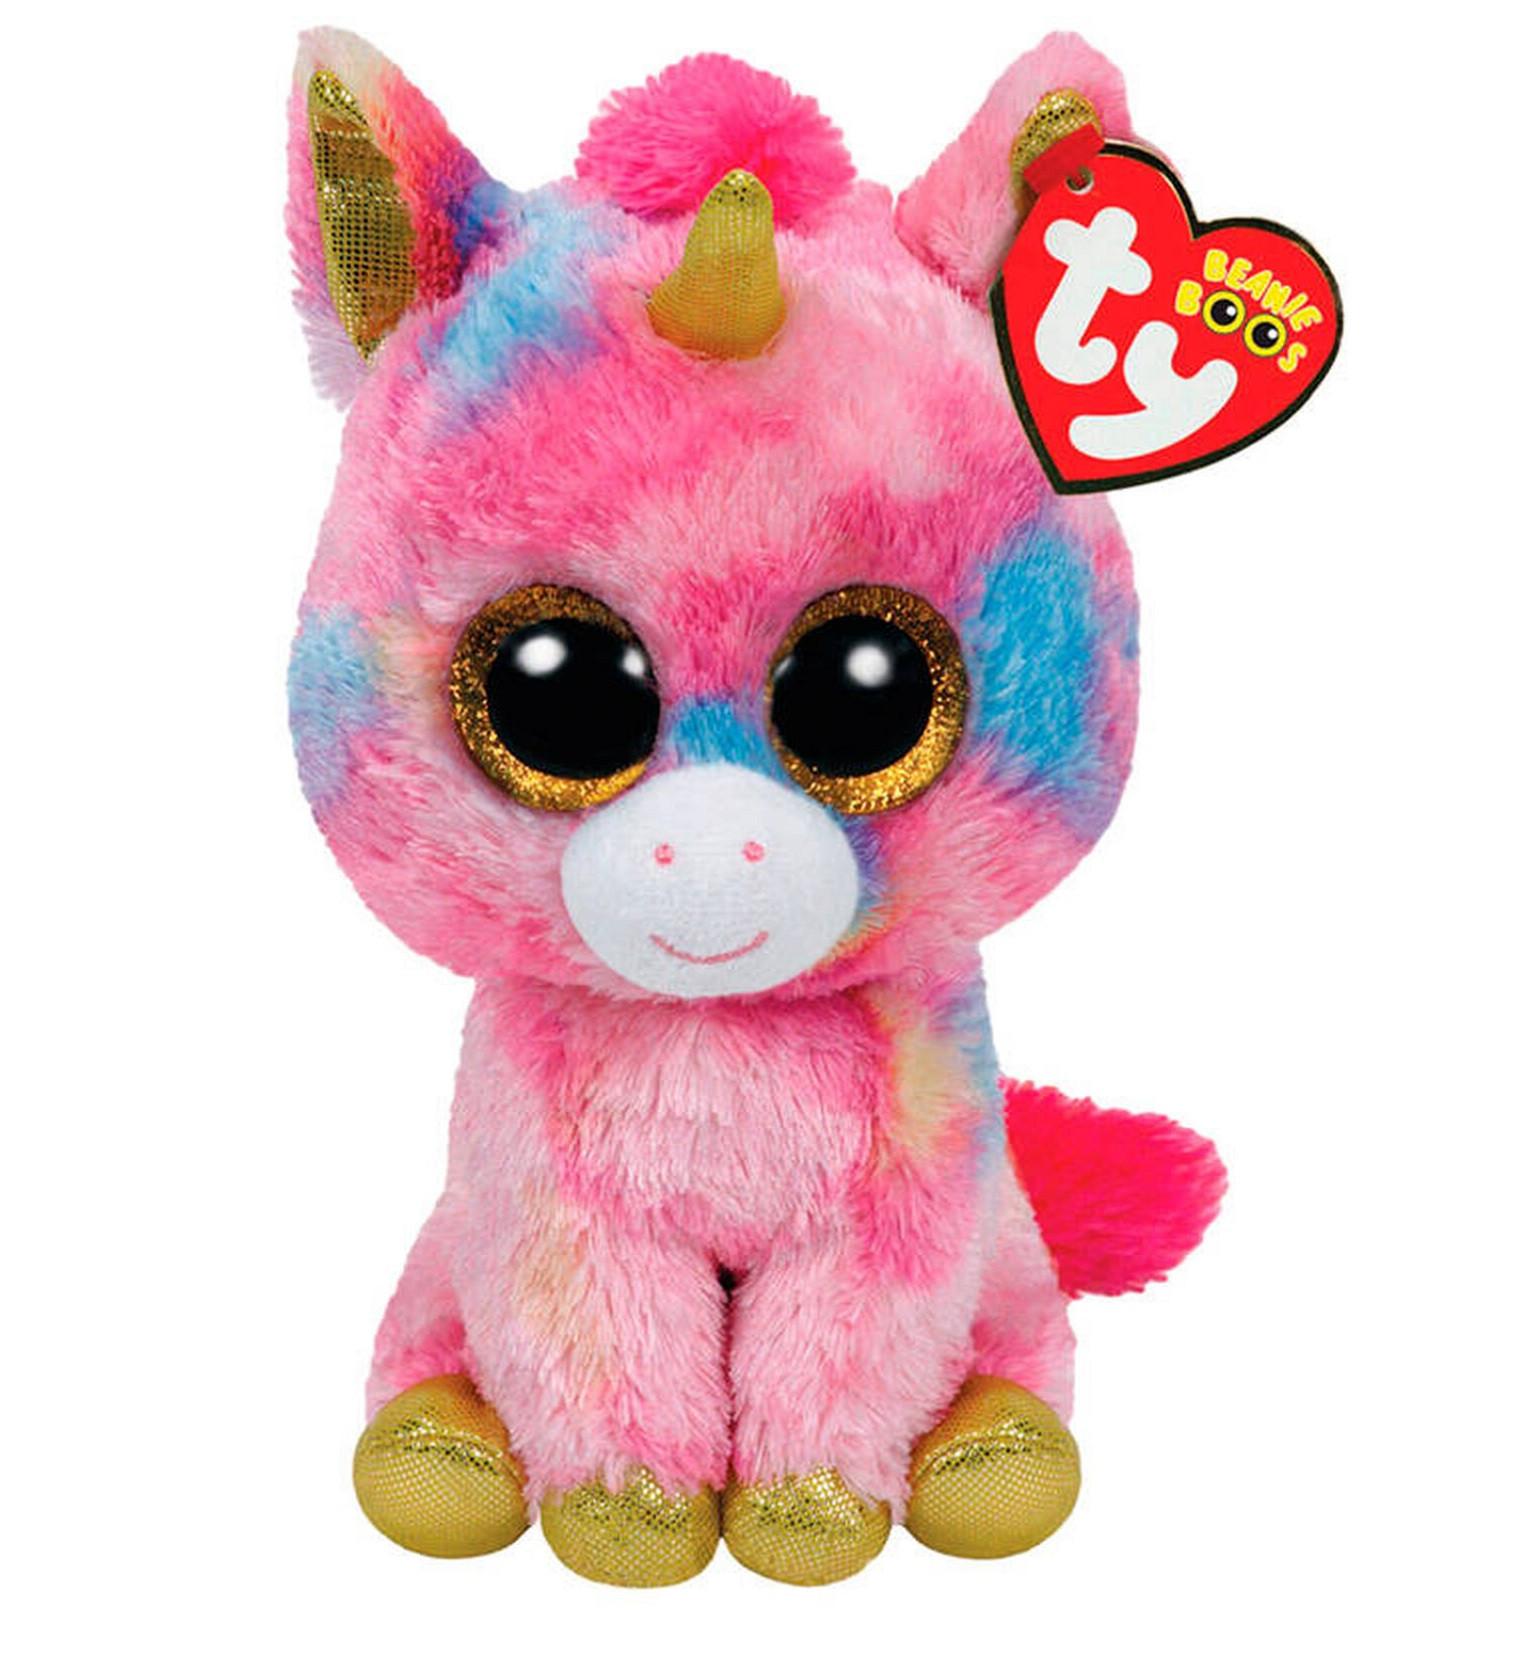 Купити М'яка іграшка TY Beanie Boo's Єдиноріг Fantasia - фото 1